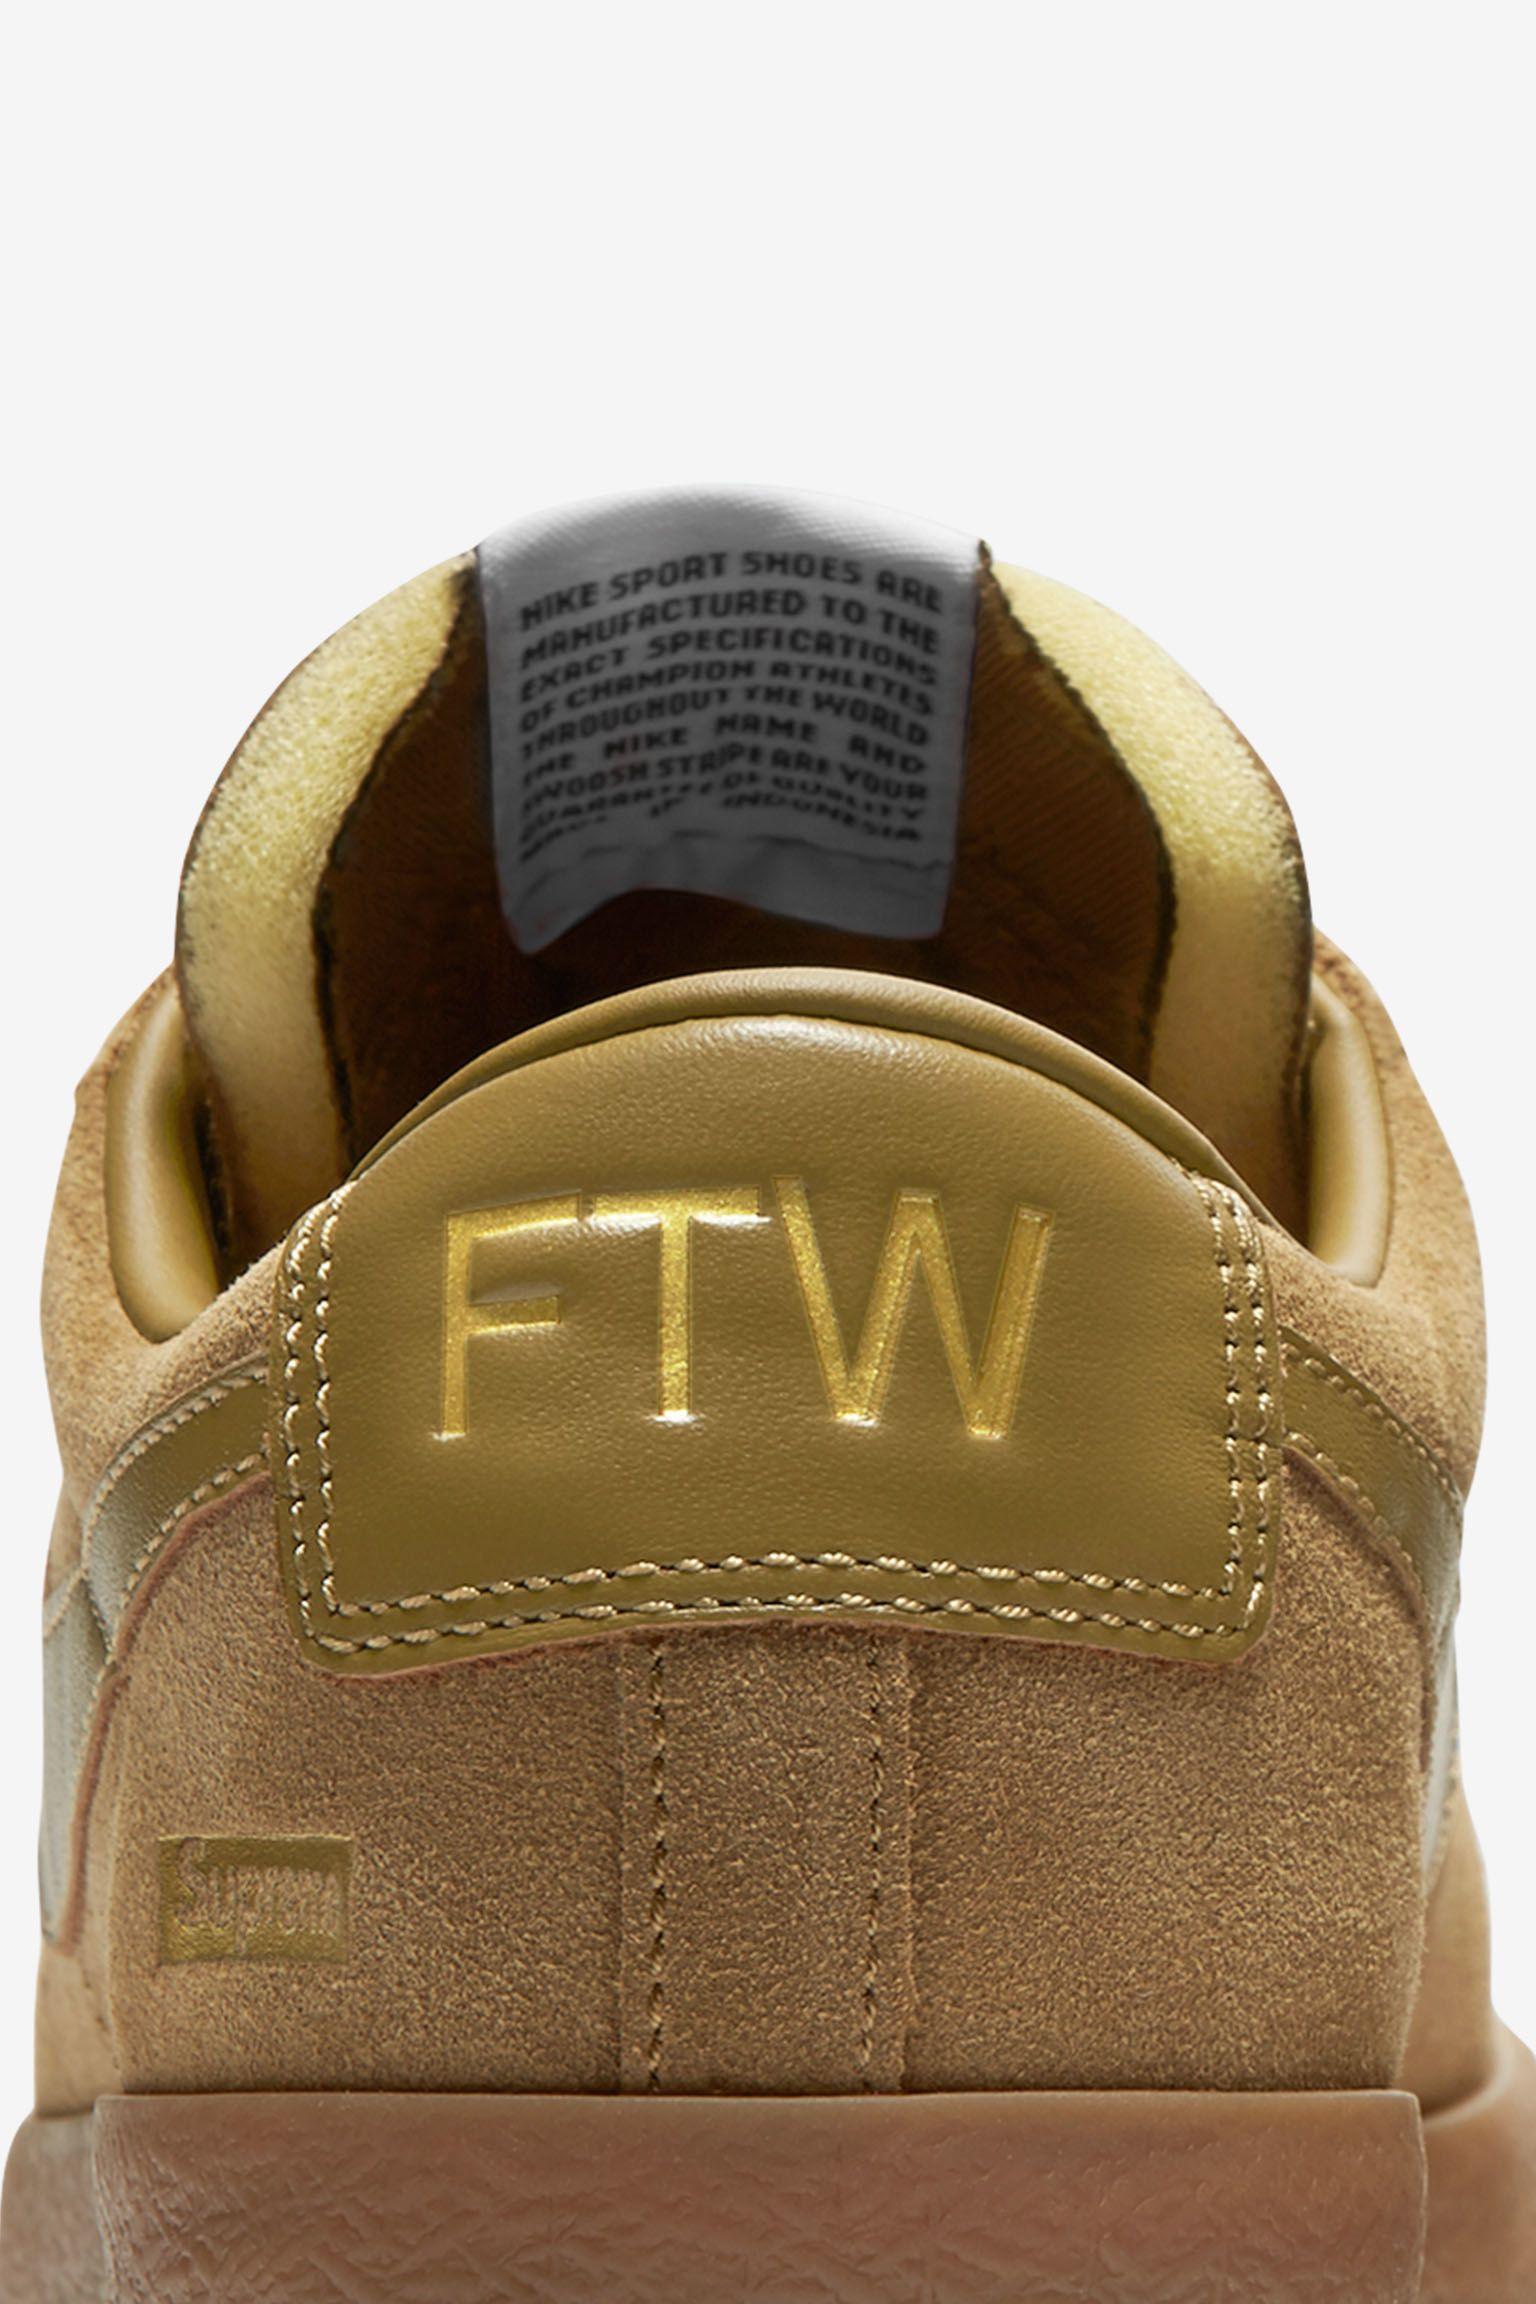 Nike Blazer Low GT x Supreme 'Golden Beige' Release Date